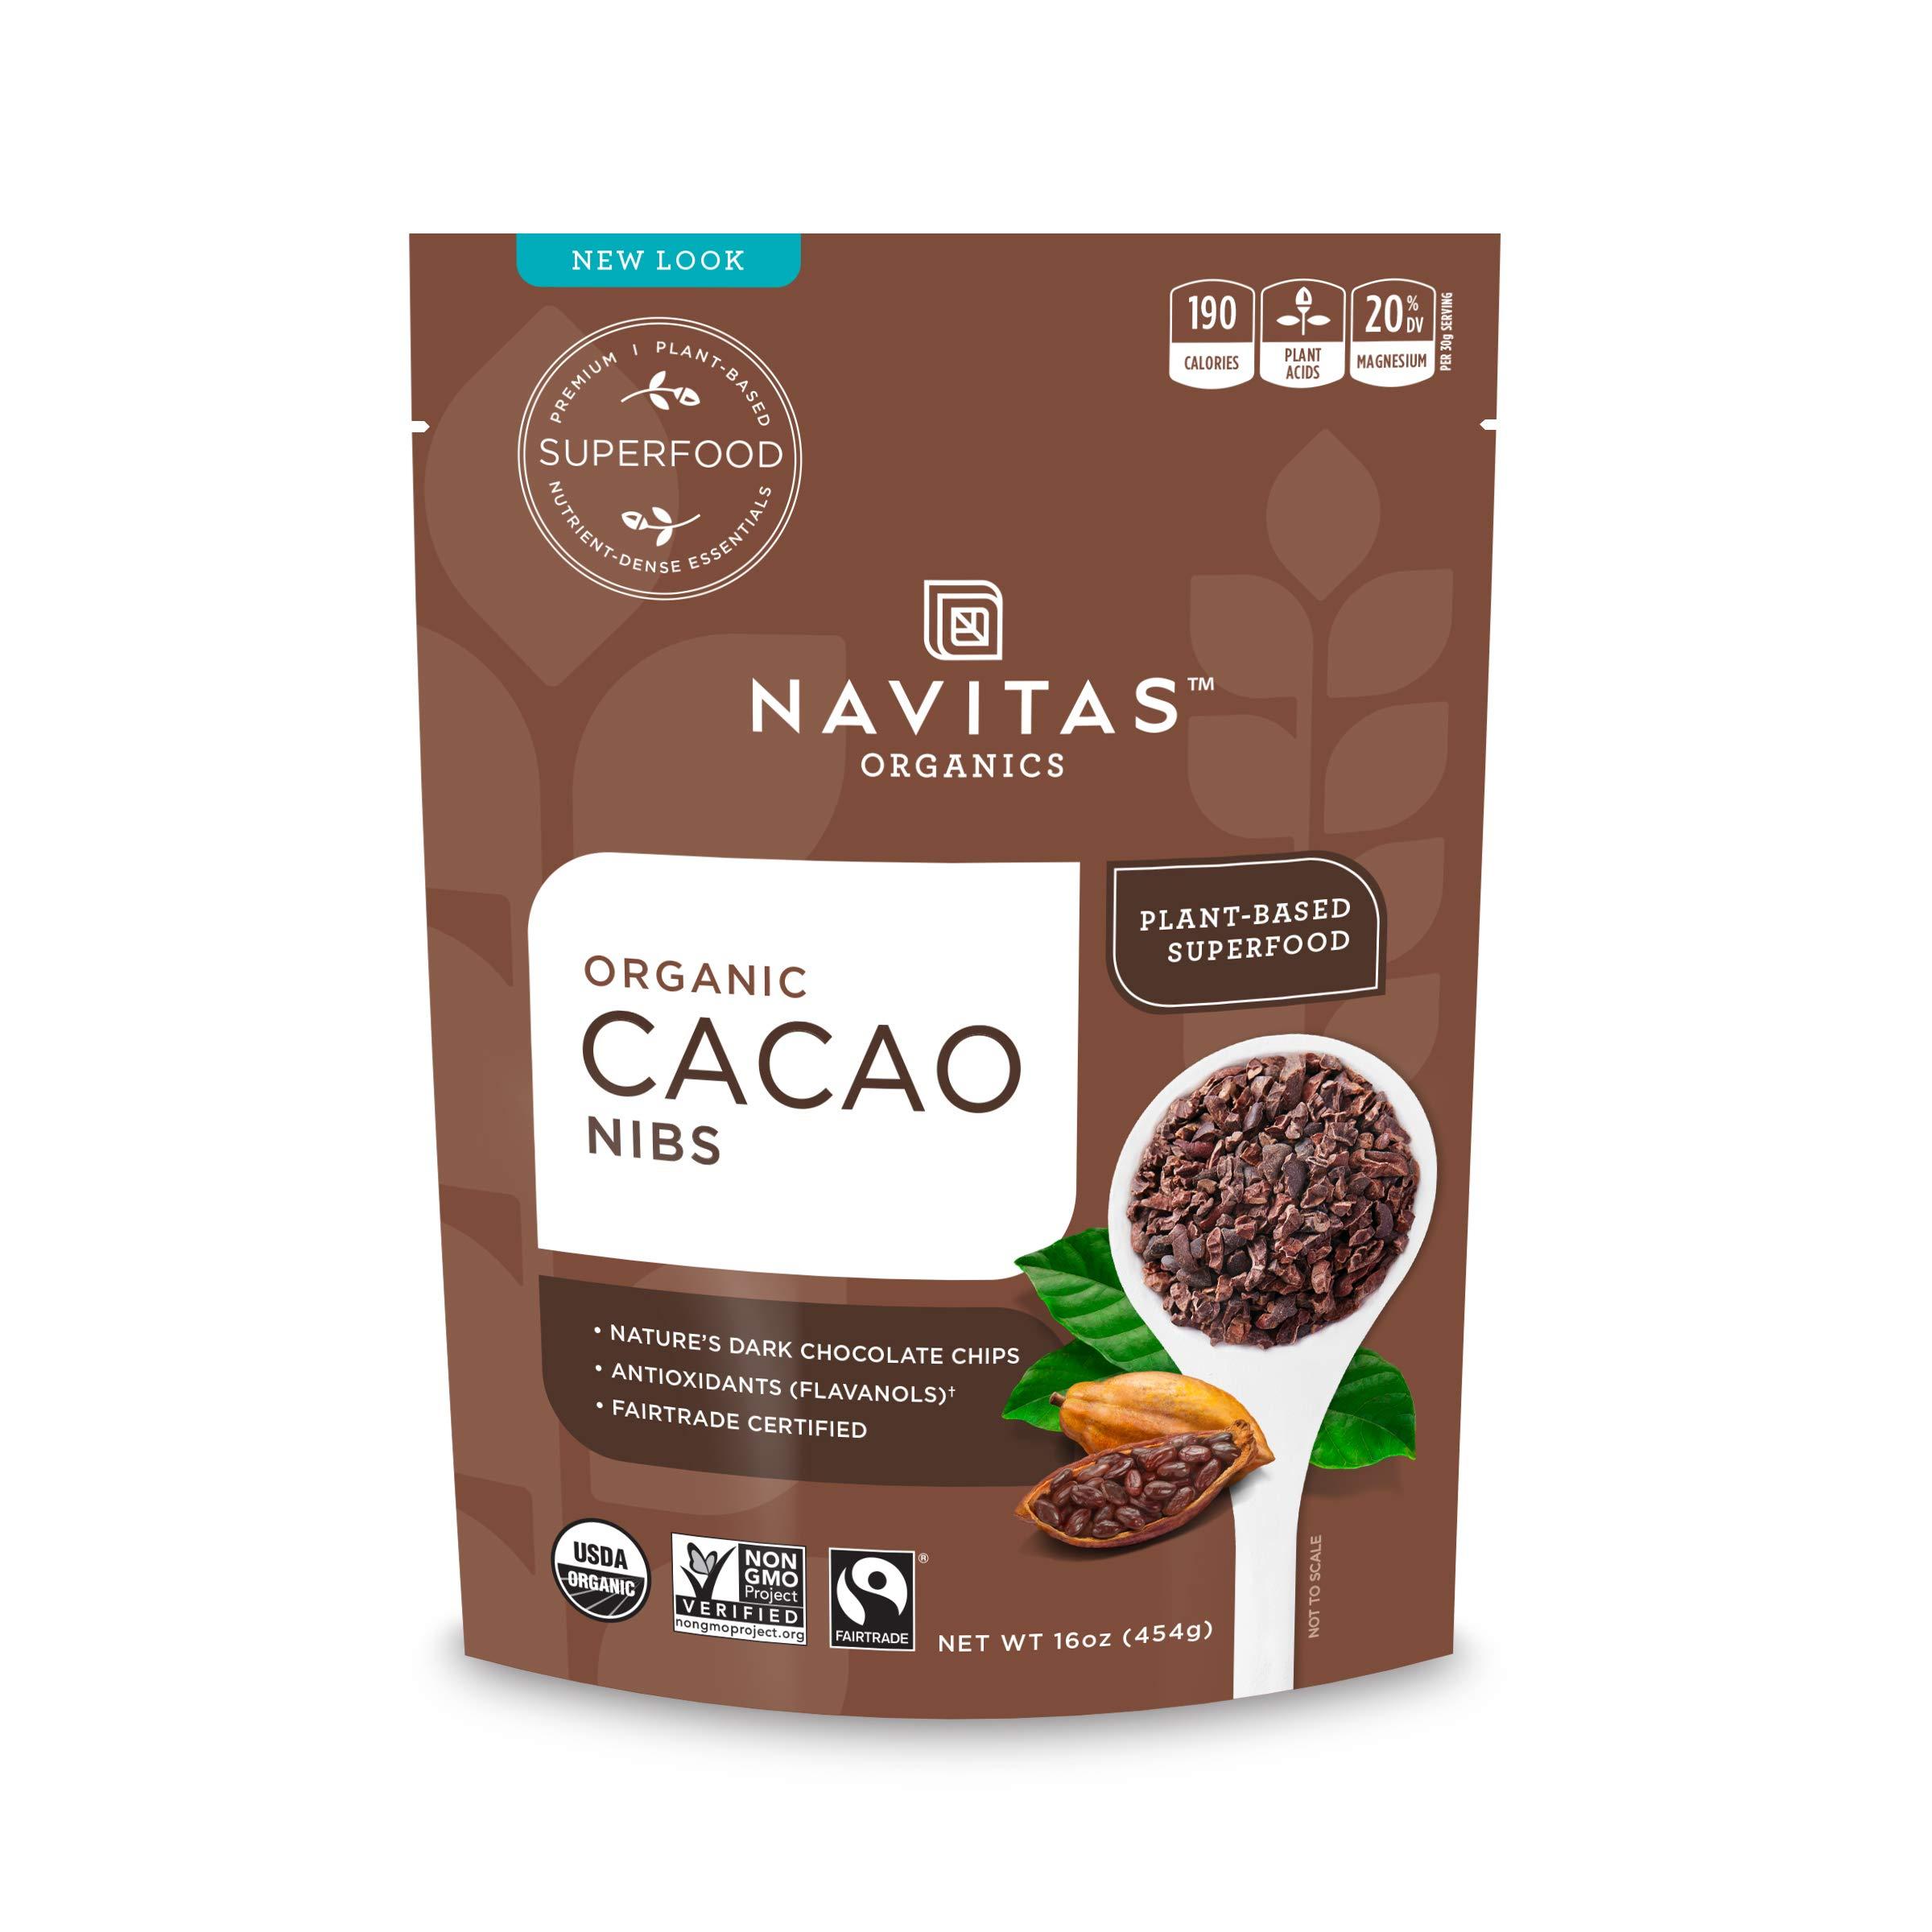 Navitas Organics Cacao Nibs, 16 oz. Bag — Organic, Non-GMO, Fair Trade, Gluten-Free